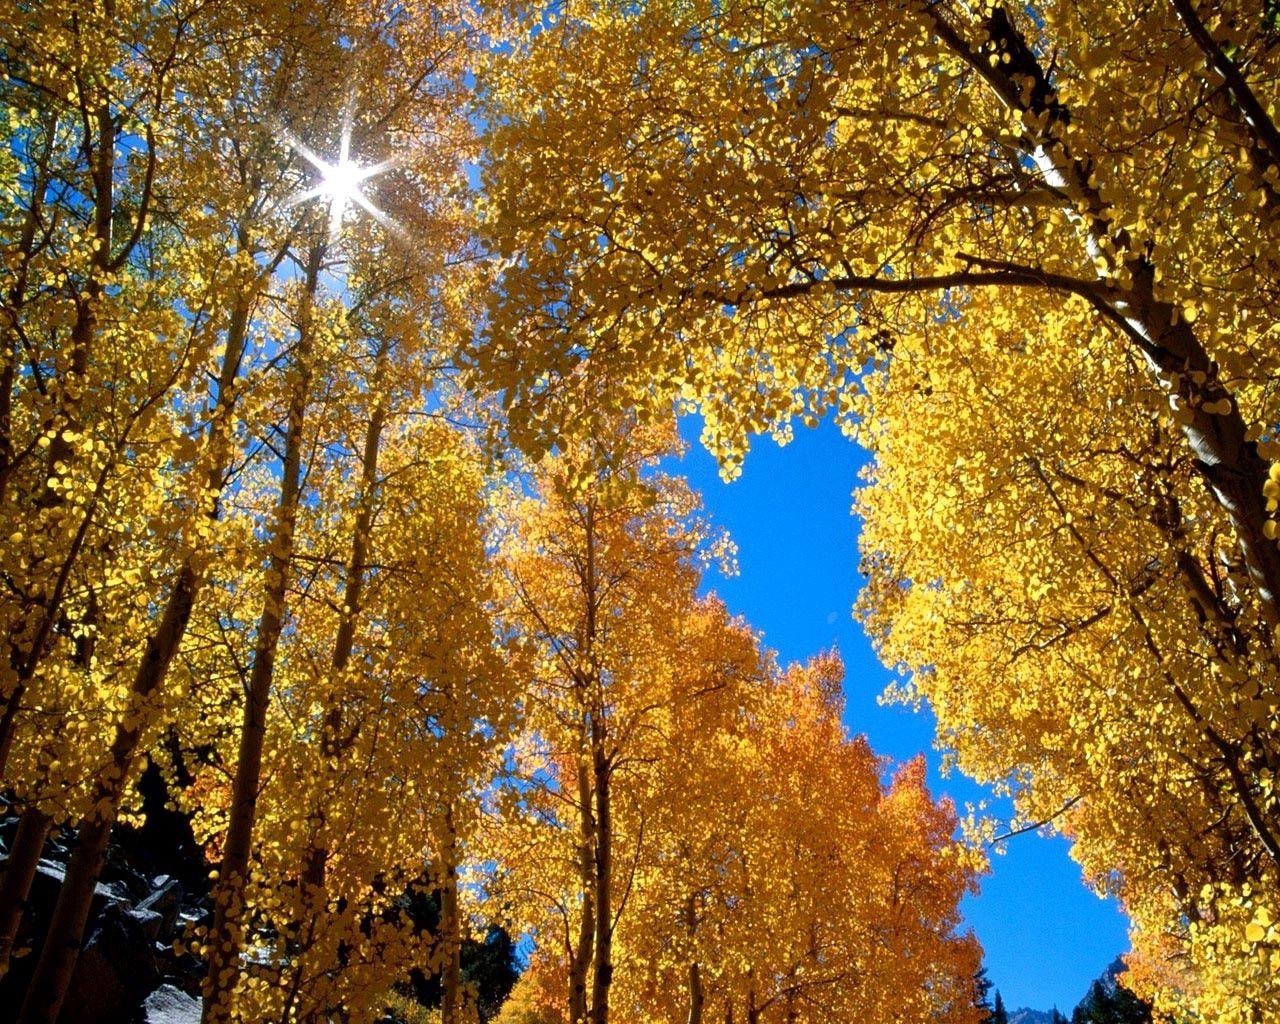 90109 скачать Желтые обои на телефон бесплатно, Природа, Осень, Листья, Солнце, Березы, Ветви Желтые картинки и заставки на мобильный